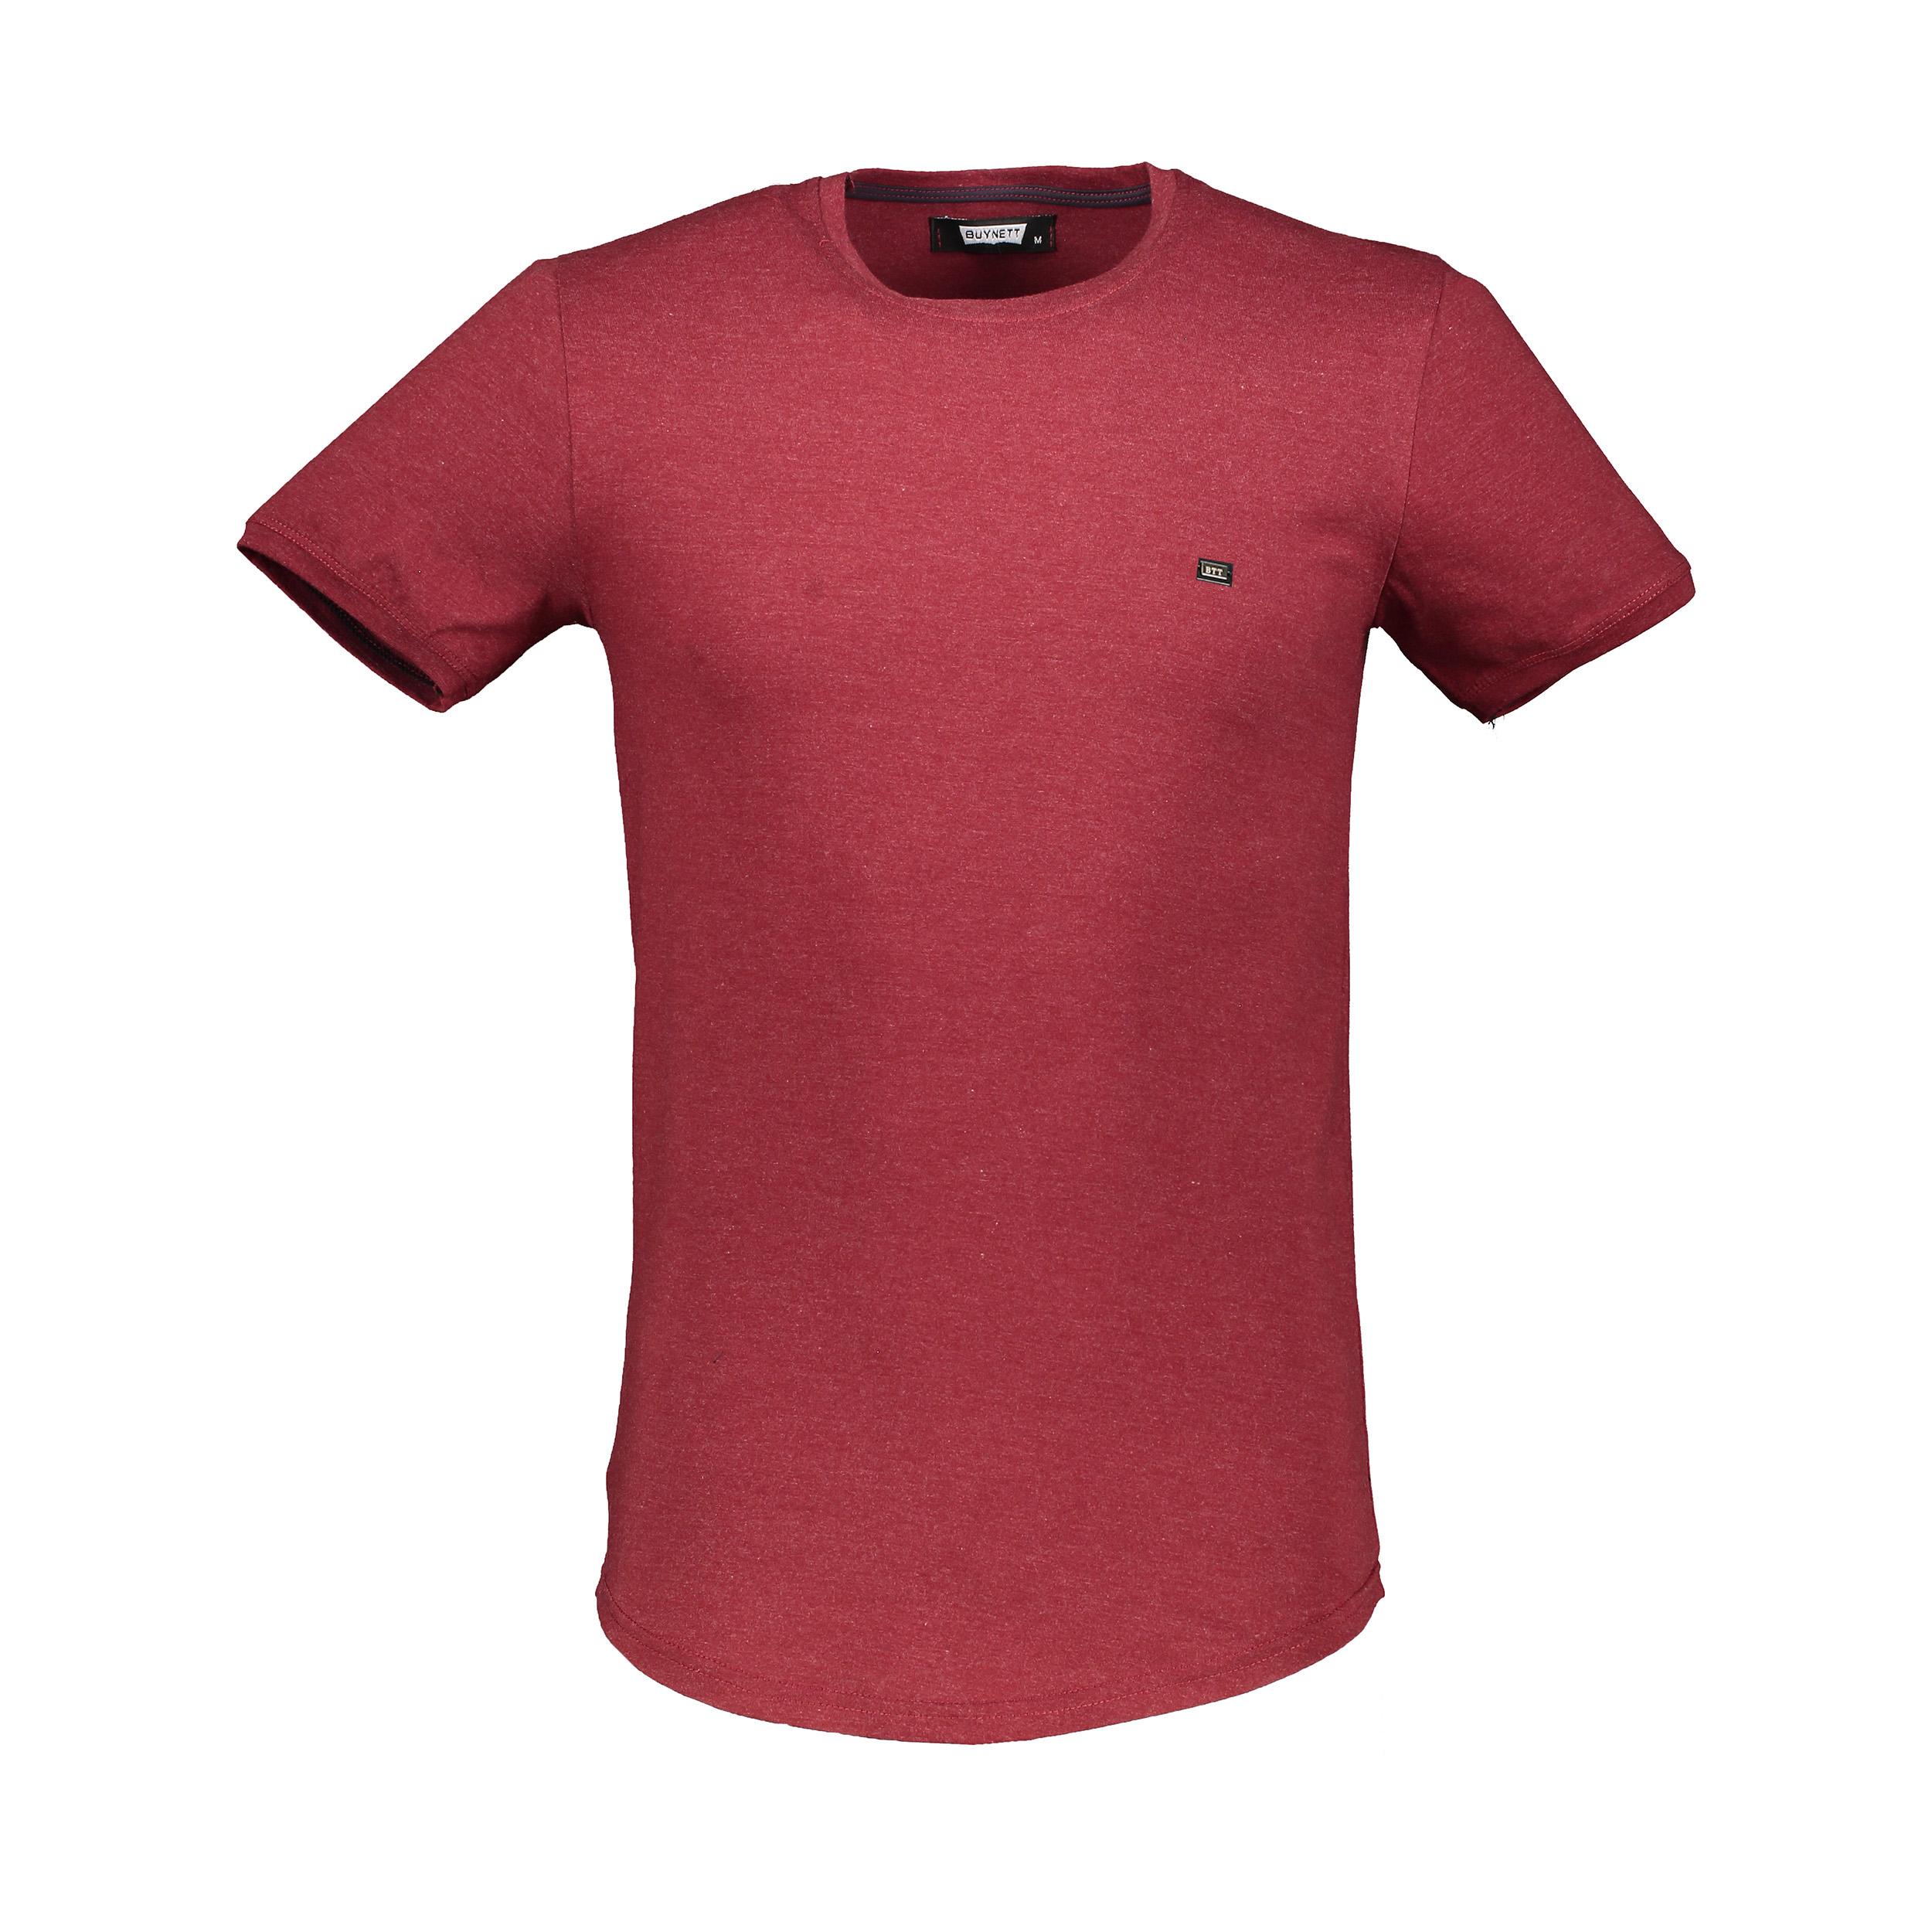 تی شرت آستین کوتاه مردانه بای نت کد 297-